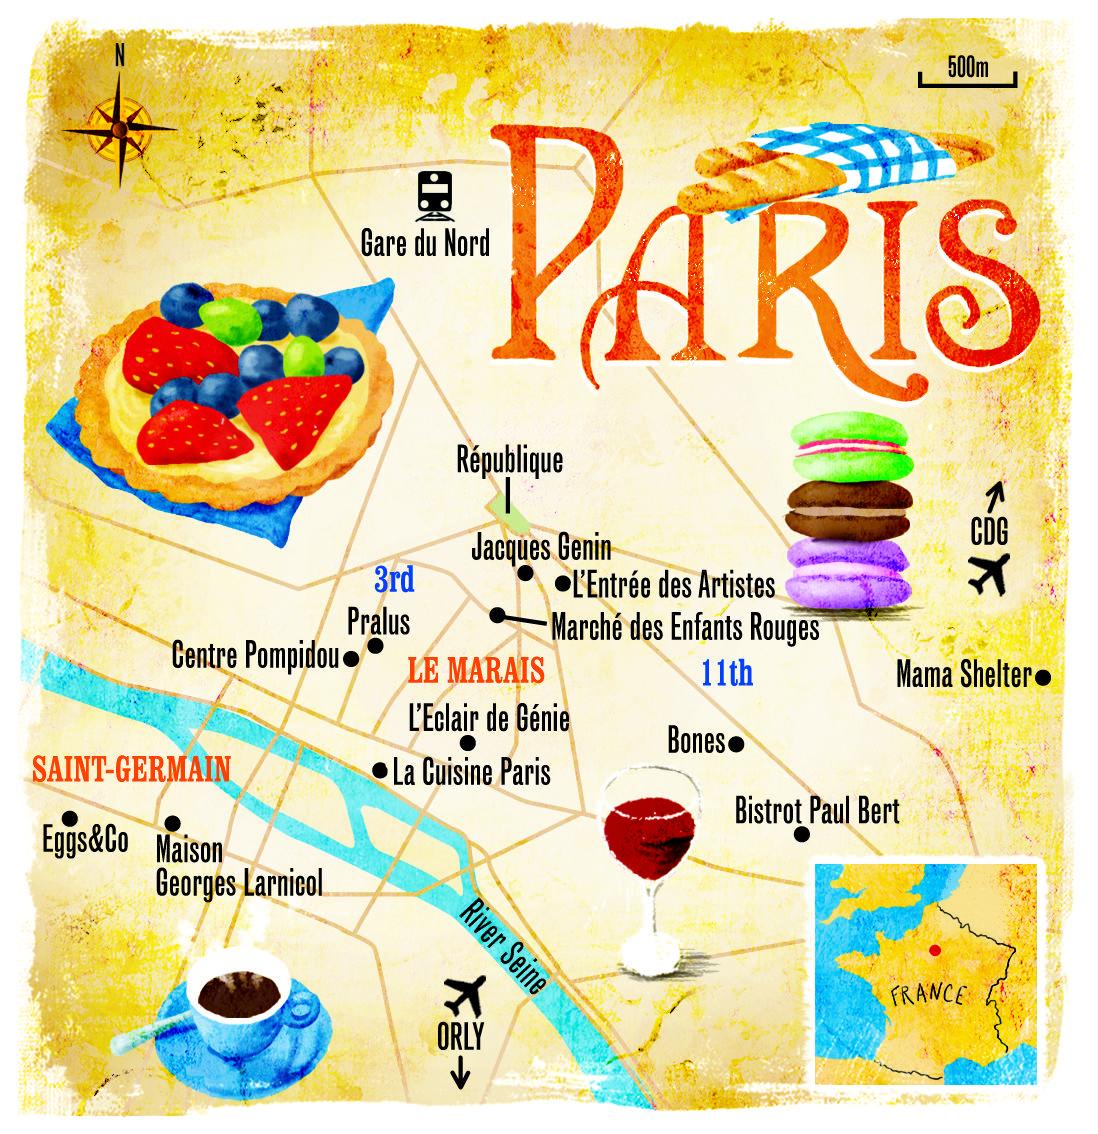 Maison Du Nord Magazine paris mapscott jessop, february 2014 issue, the sunday